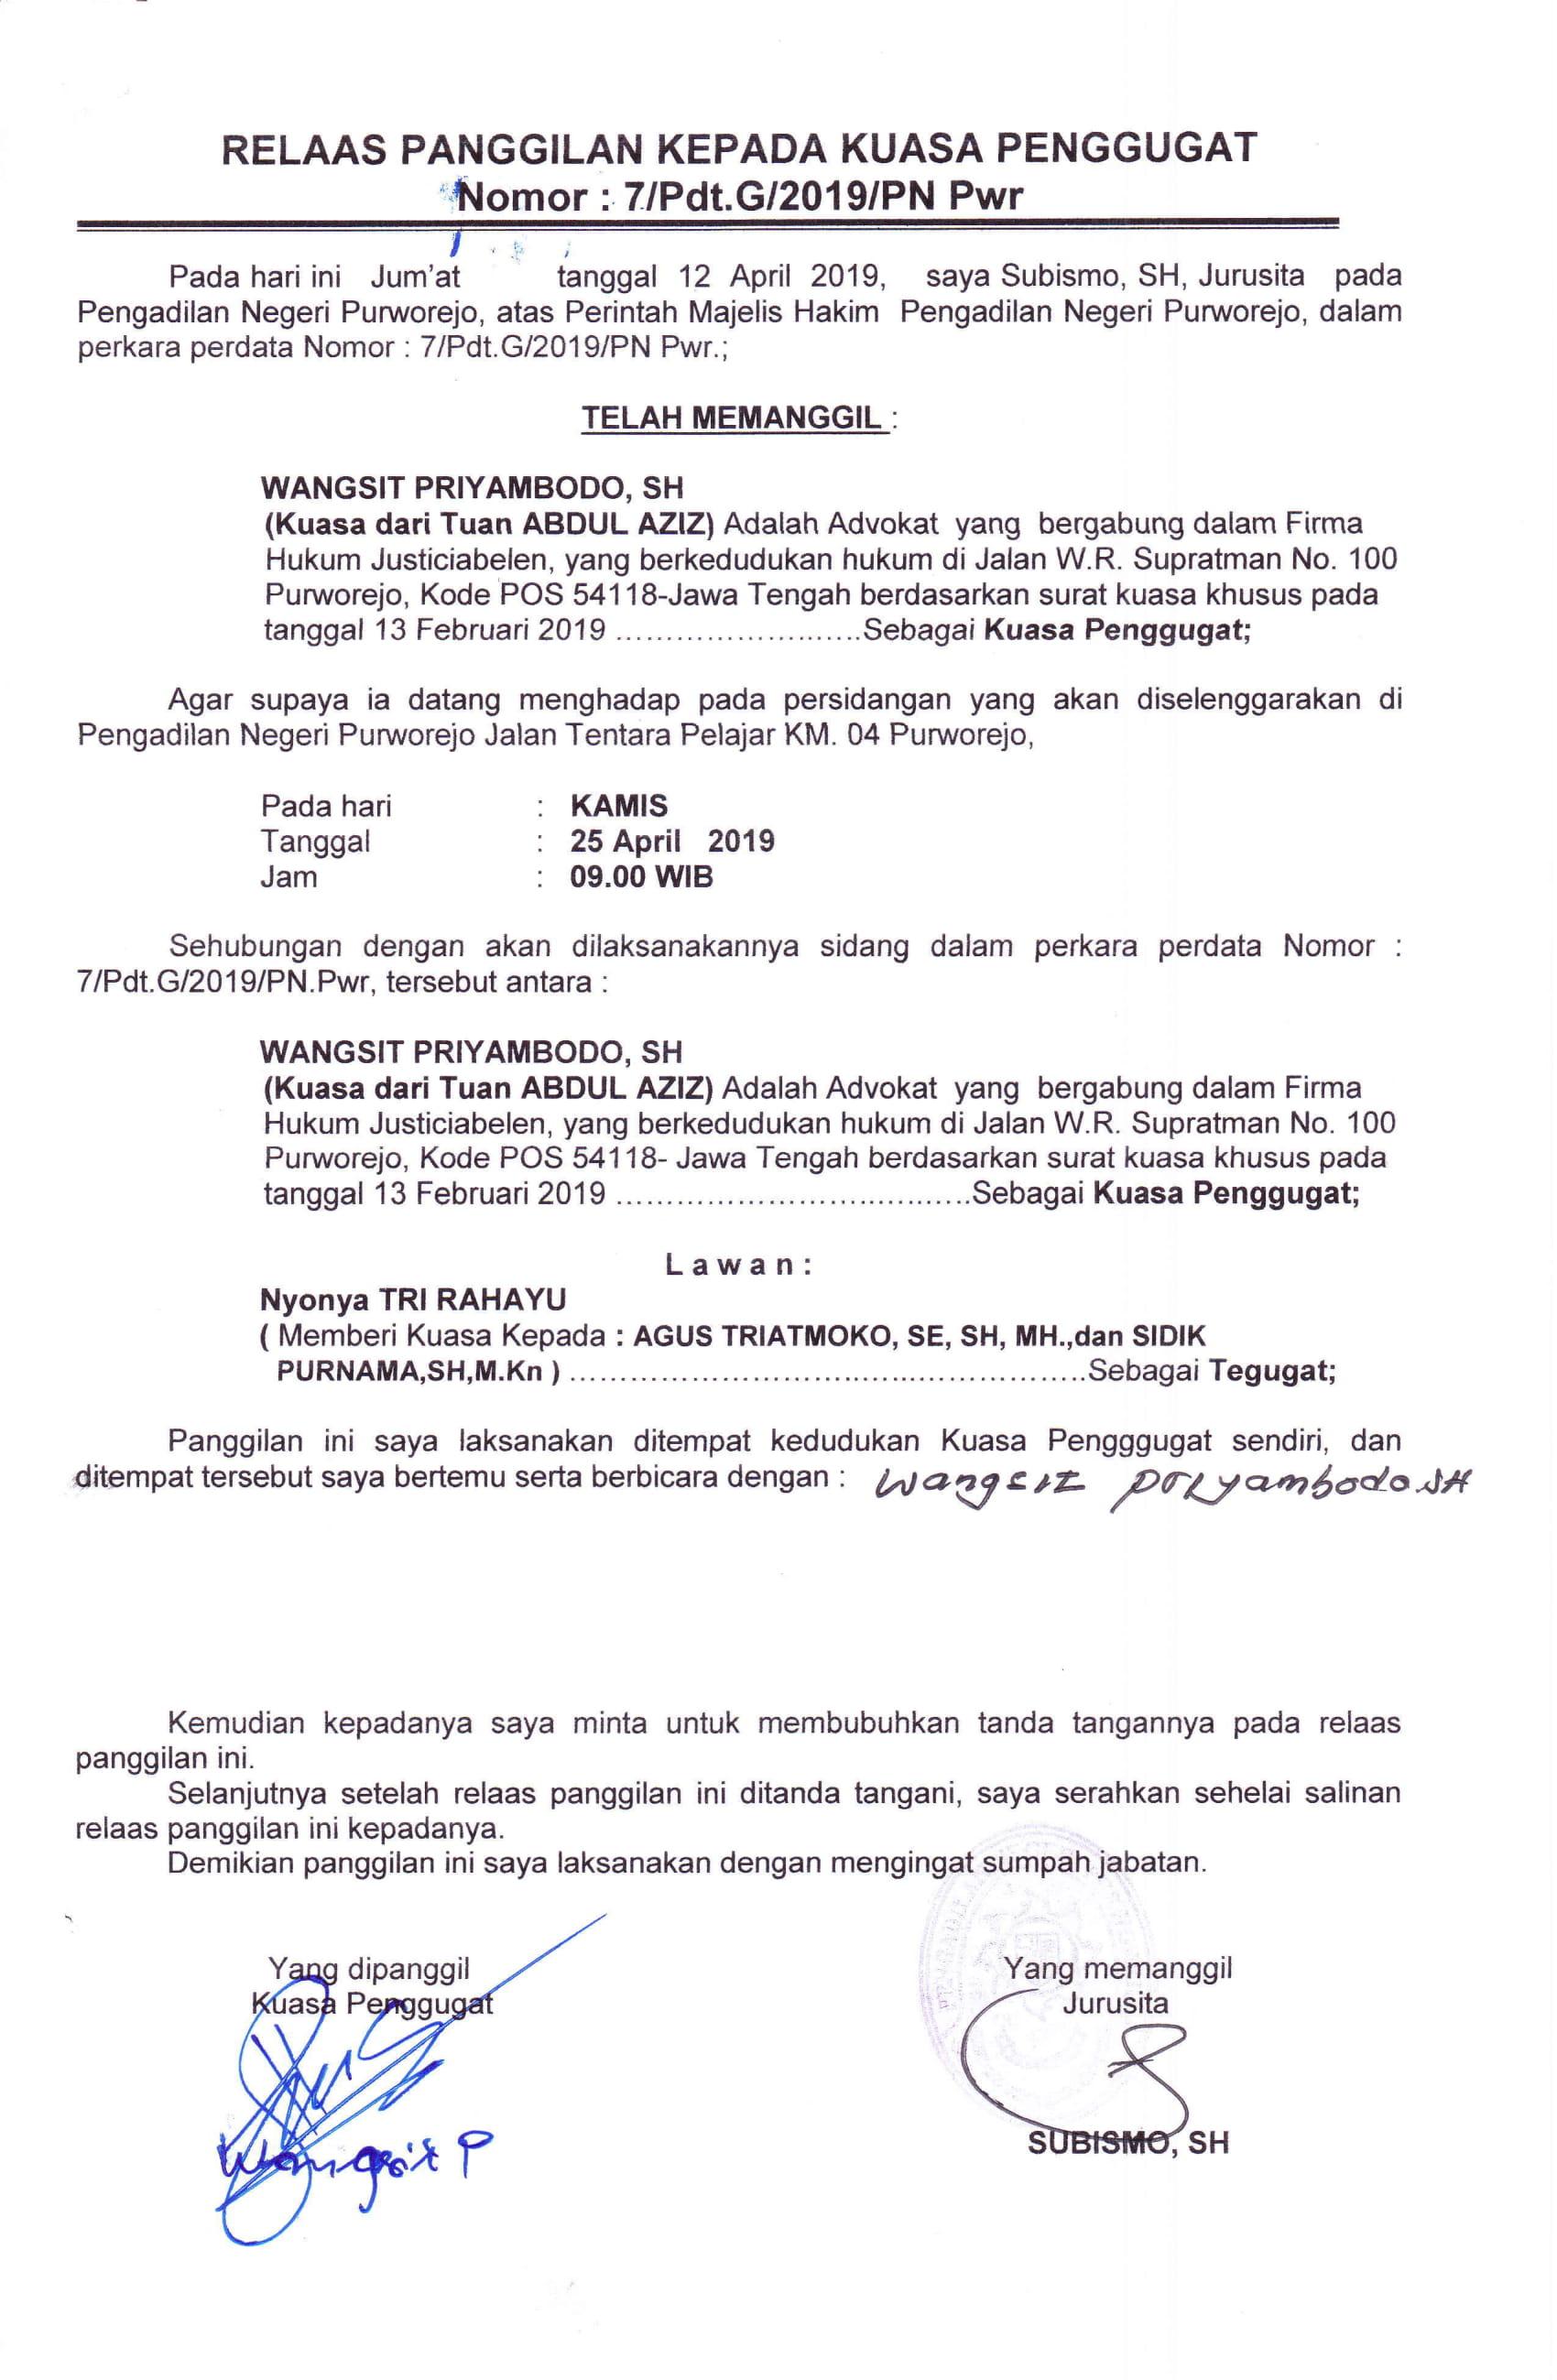 Relaas Panggilan Kepada Wangsit Priyambodo, SH.